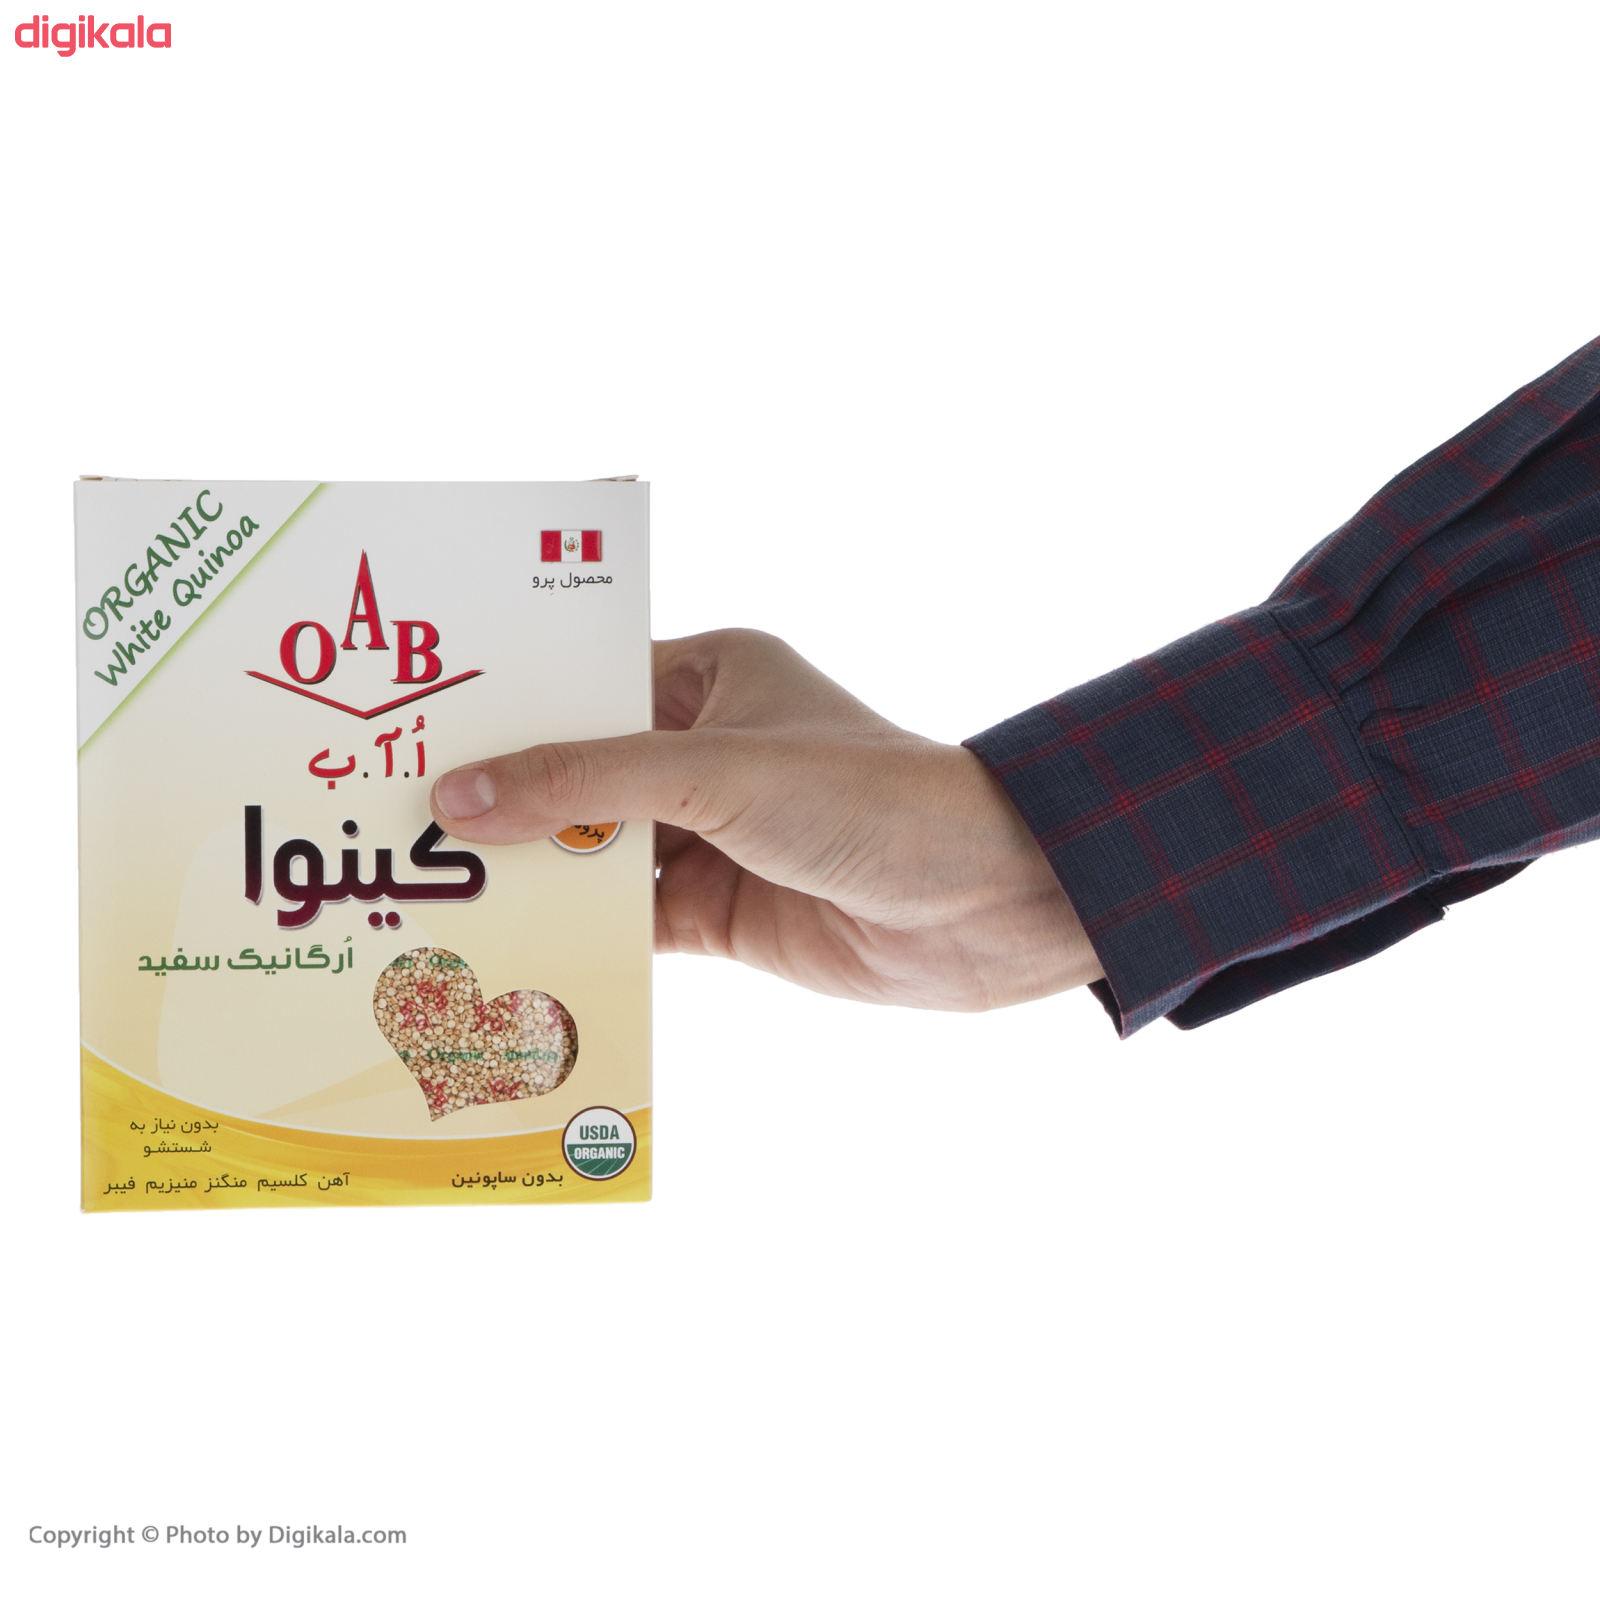 کینوا سفید ارگانیک اُ آ ب - 250 گرم  main 1 3